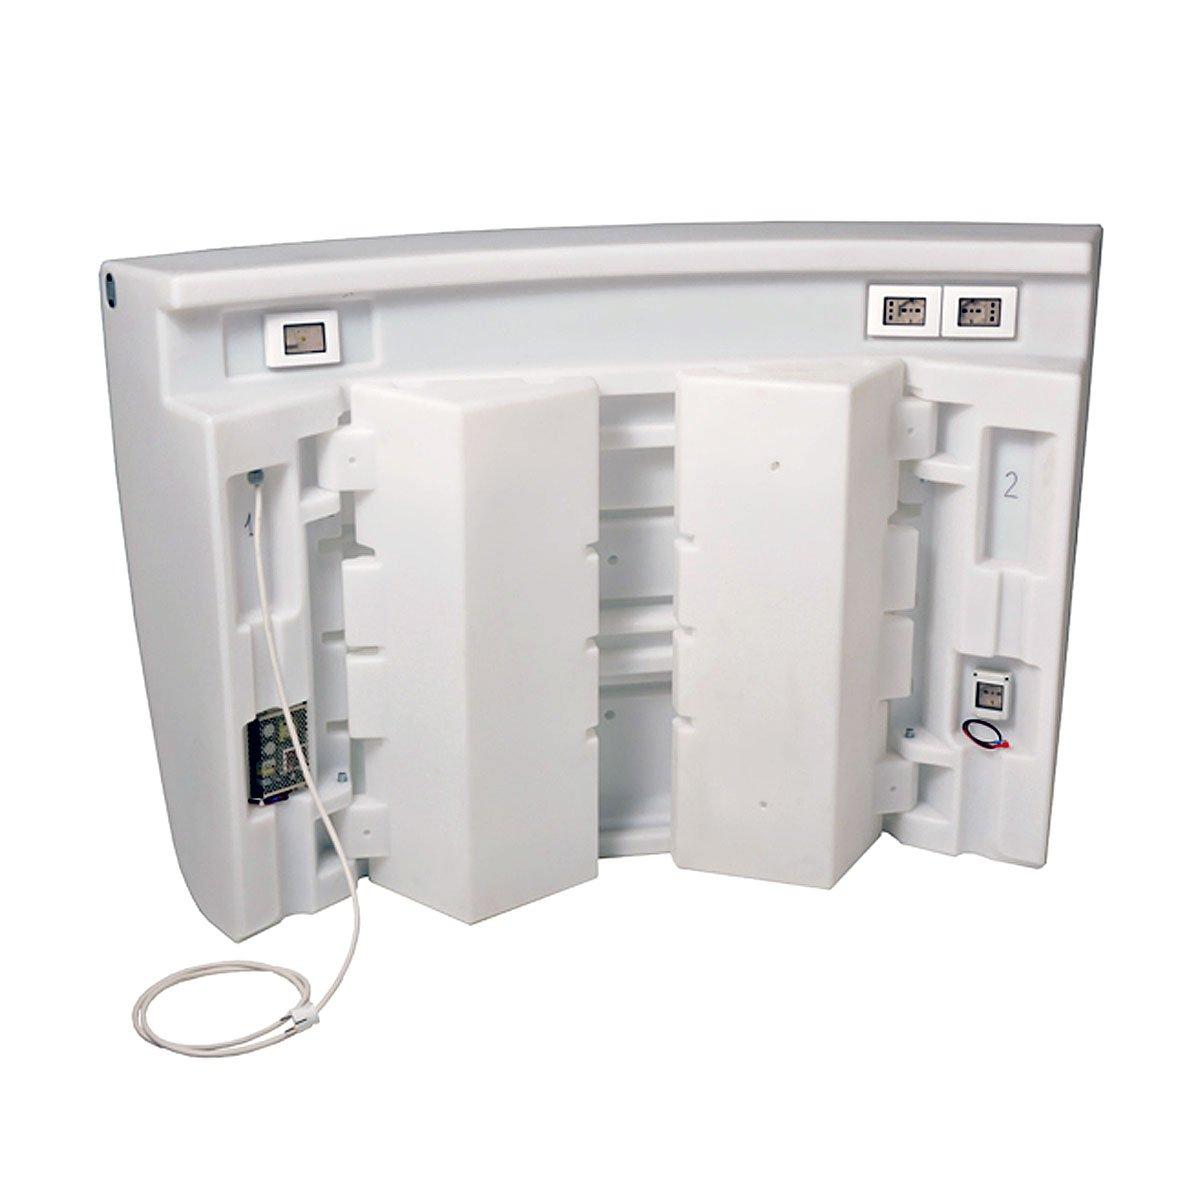 Kit Illuminazione Led E Impianto Elettrico Per Bancone Bar